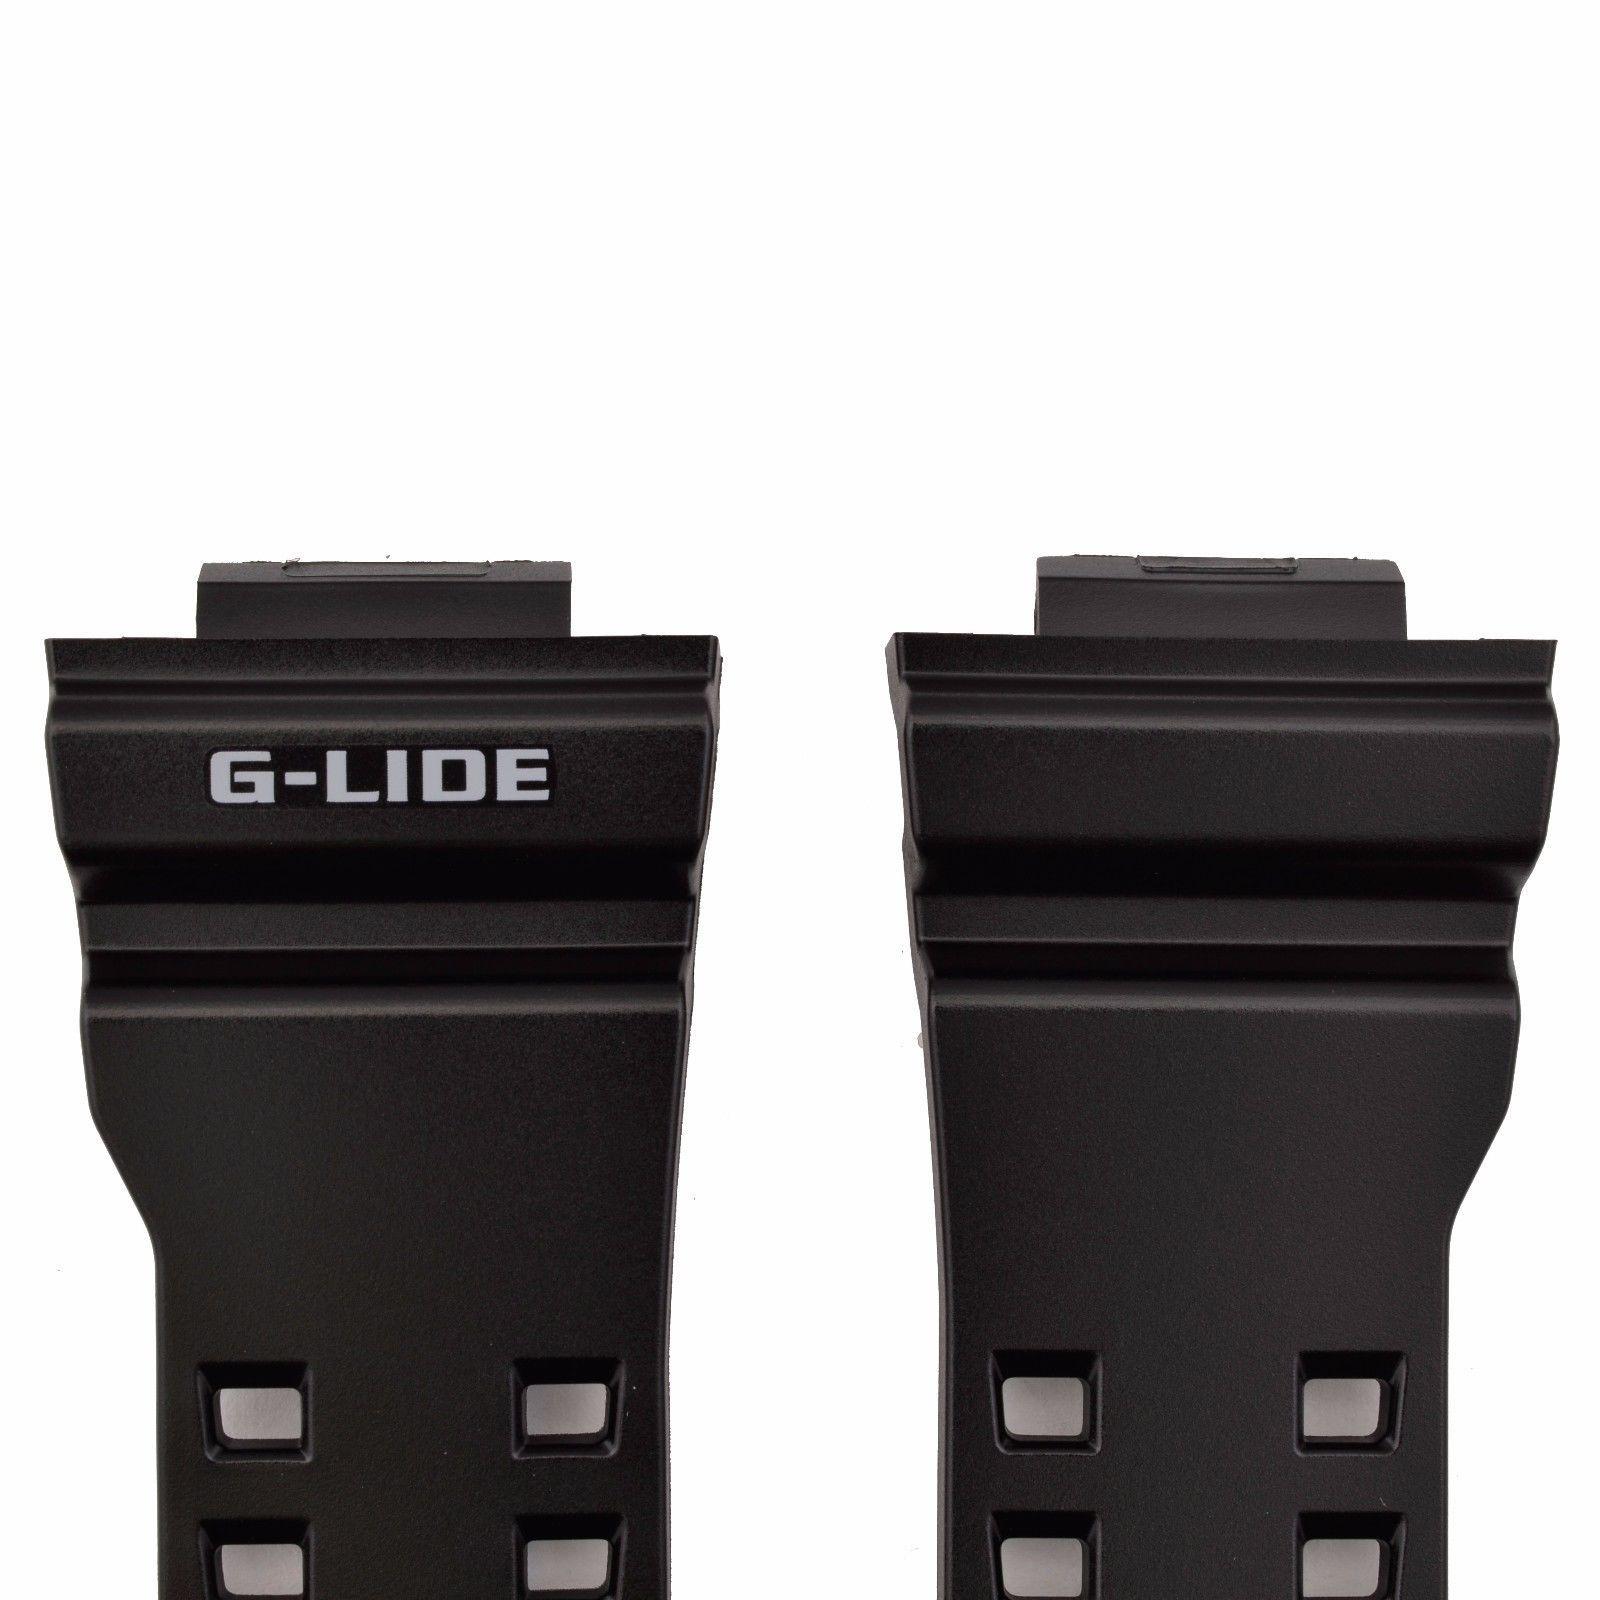 Pulseira Casio G-shock Preto Brilhante (sem Verniz) GAX-100B - 100% Original*  - E-Presentes